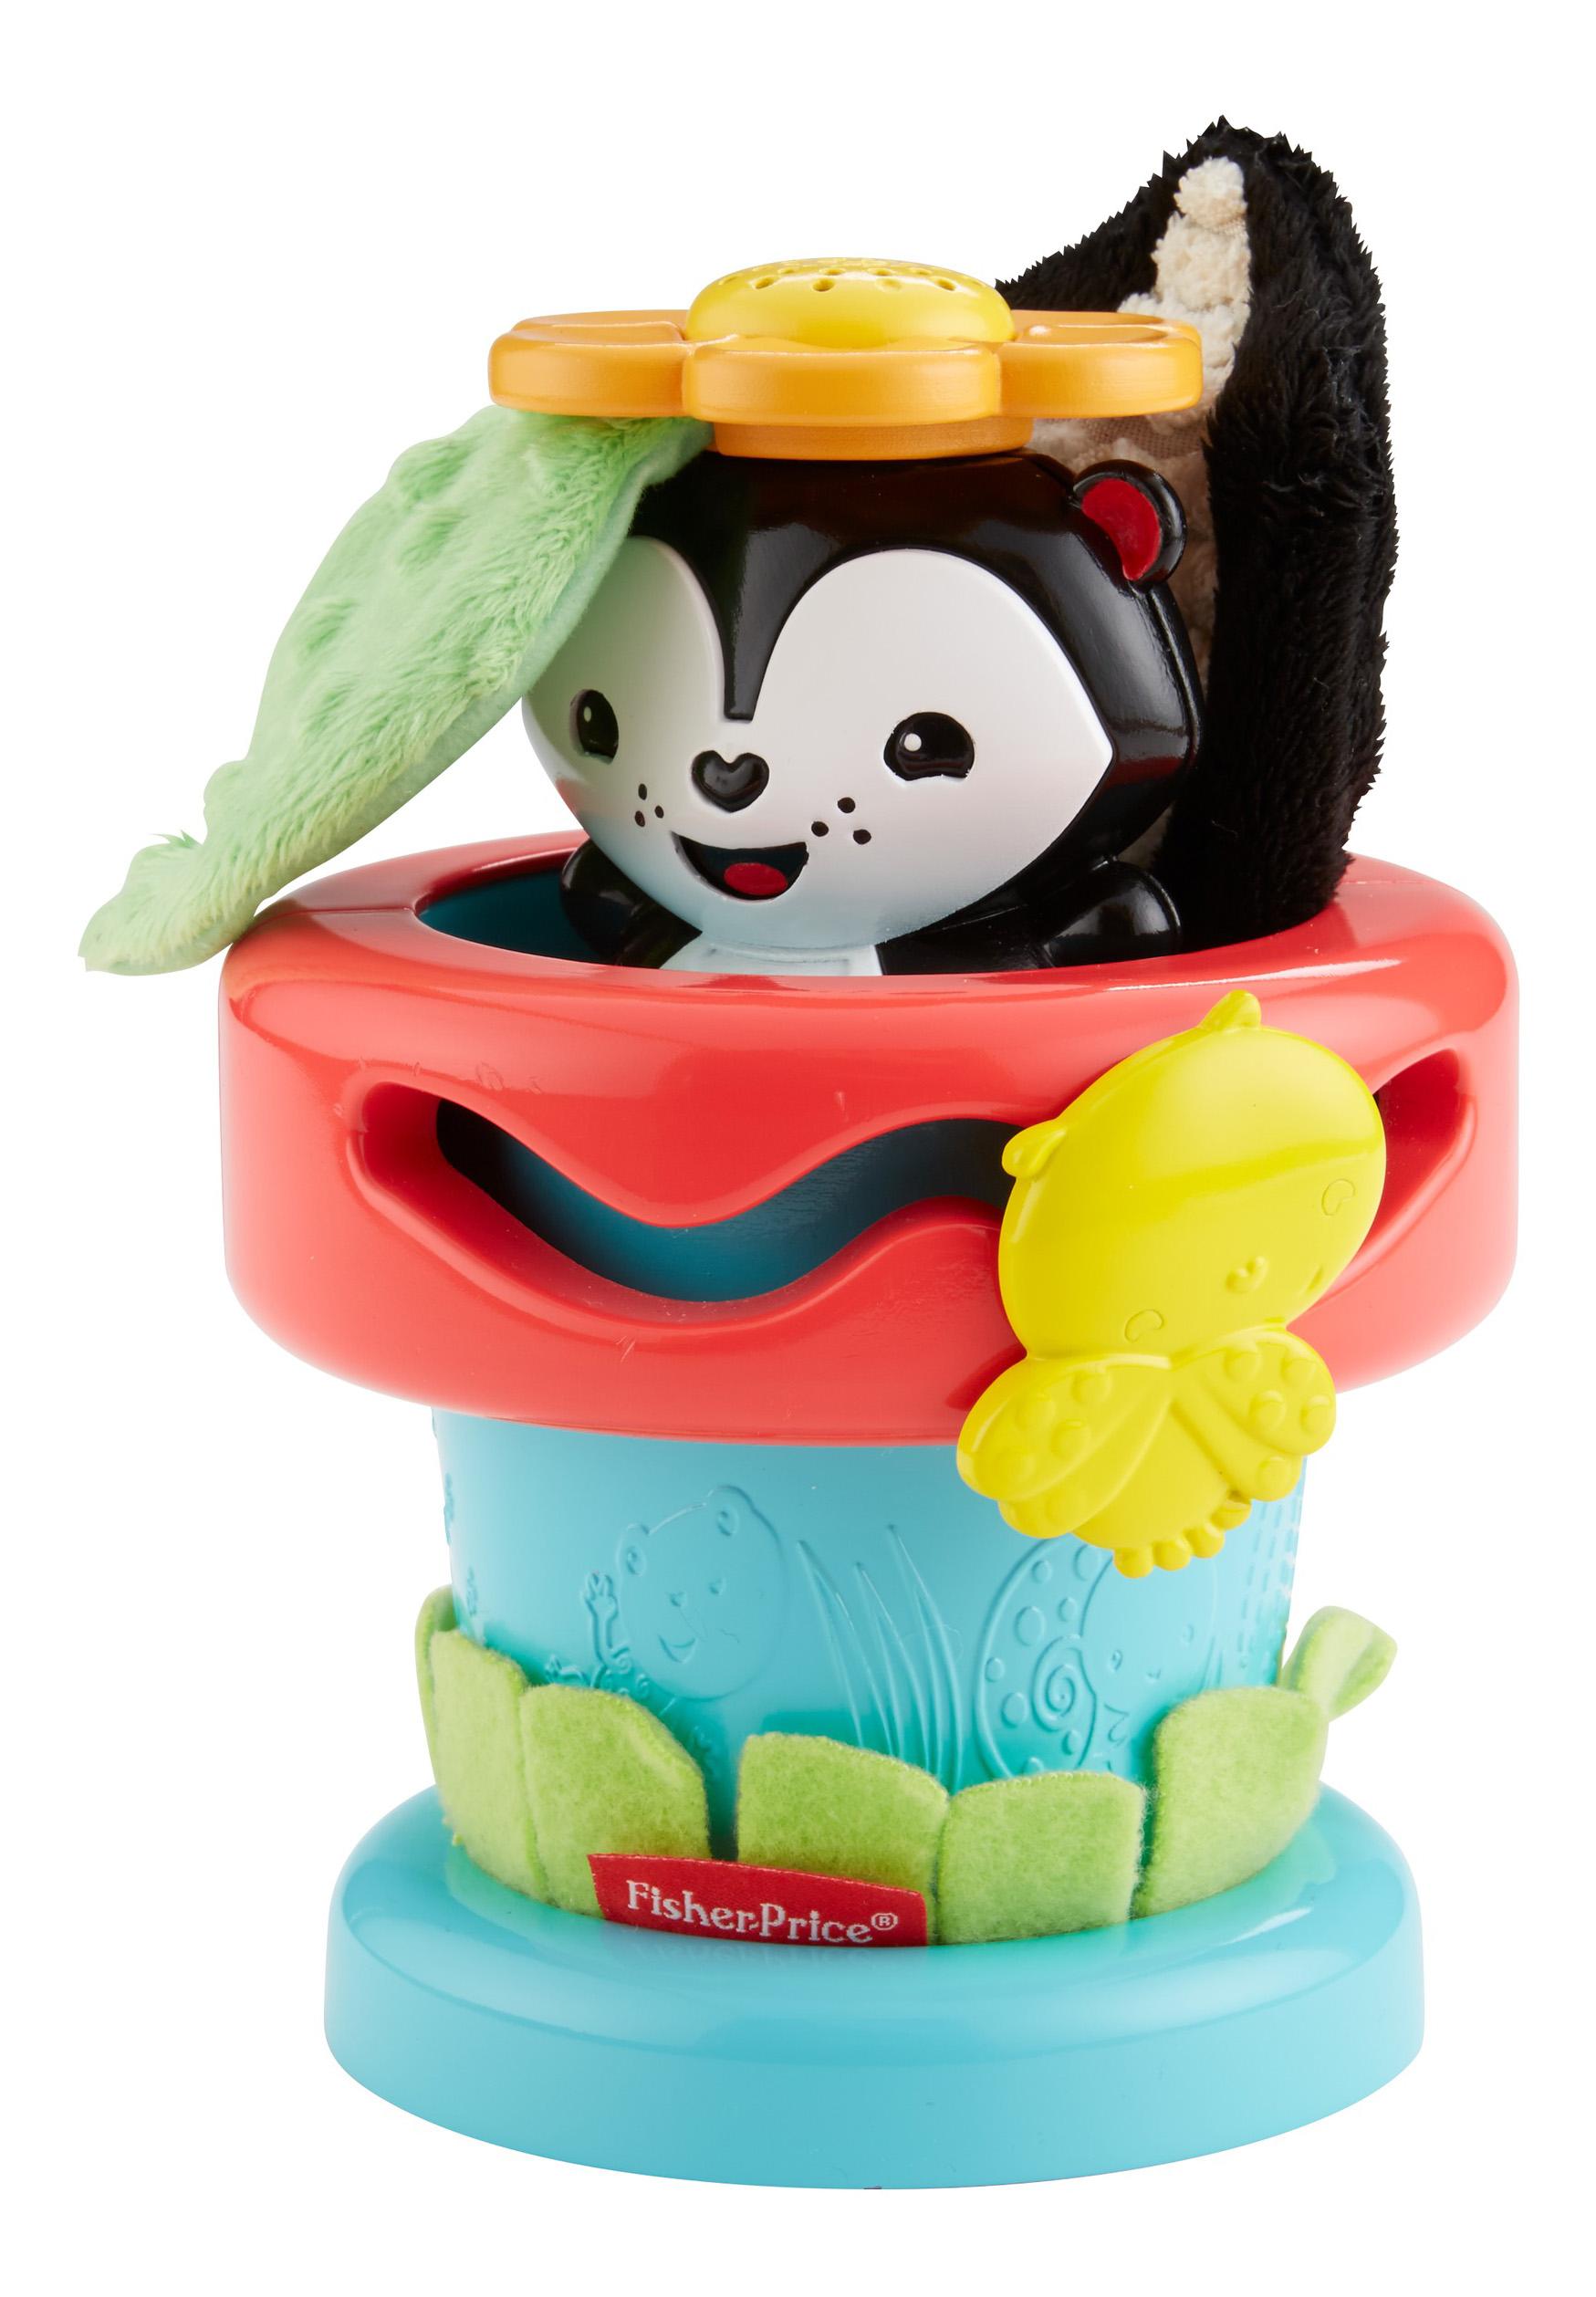 Мягкая развивающая игрушка Fisher-Price Игрушка в горшочке фото